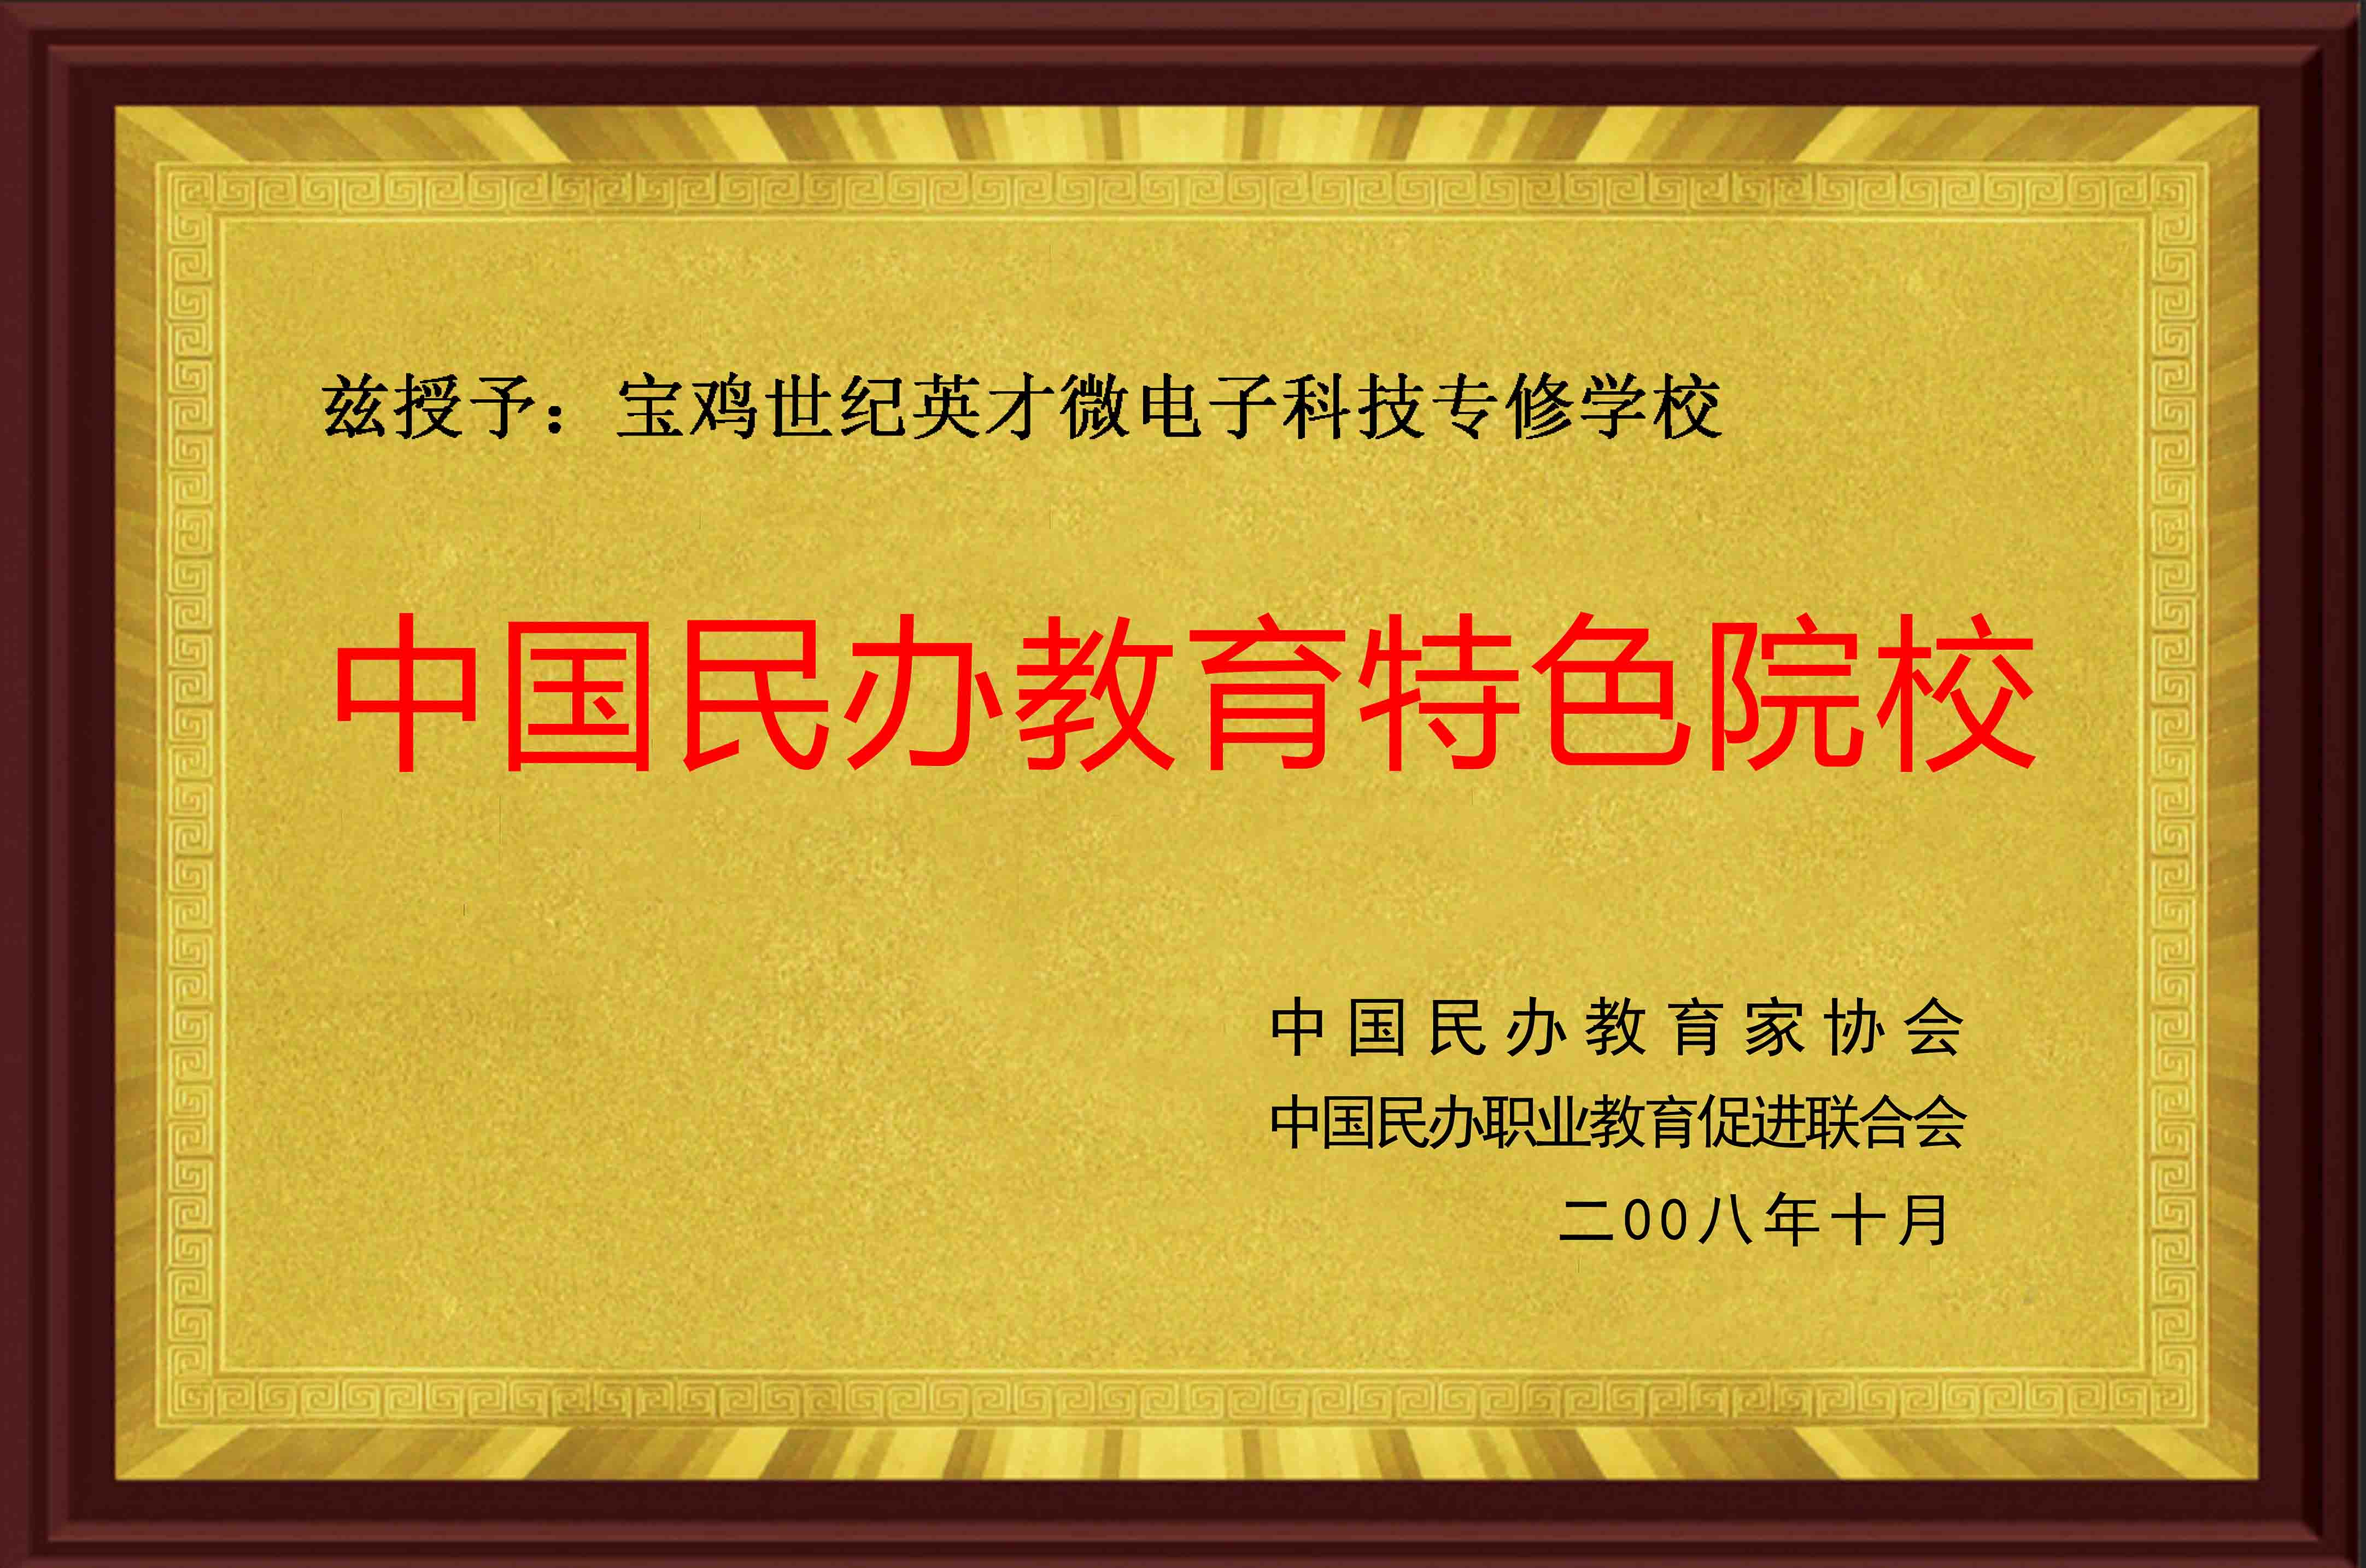 中國民辦教育特色院校